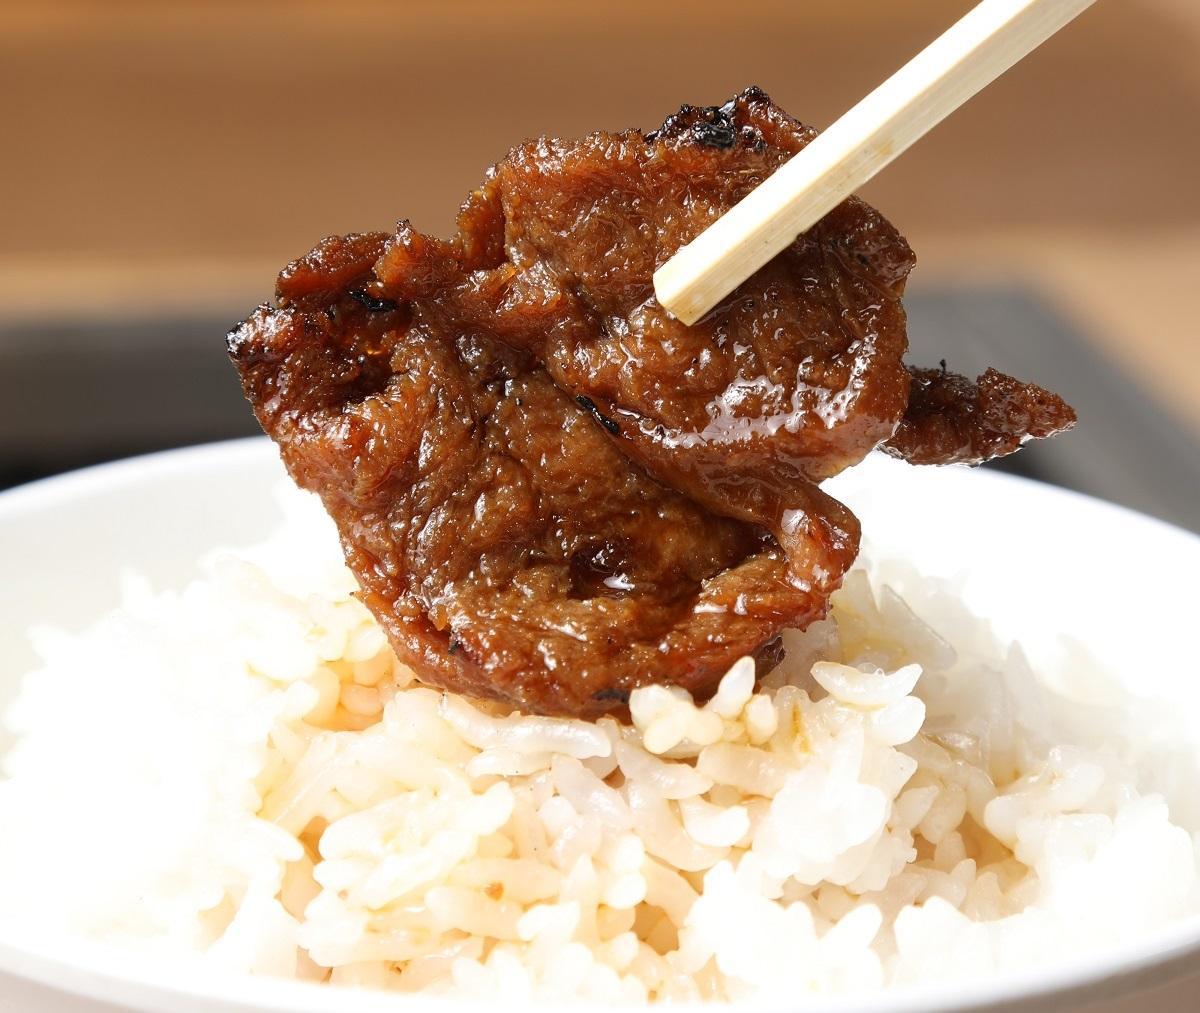 大豆を用いた焼き肉用の代替肉